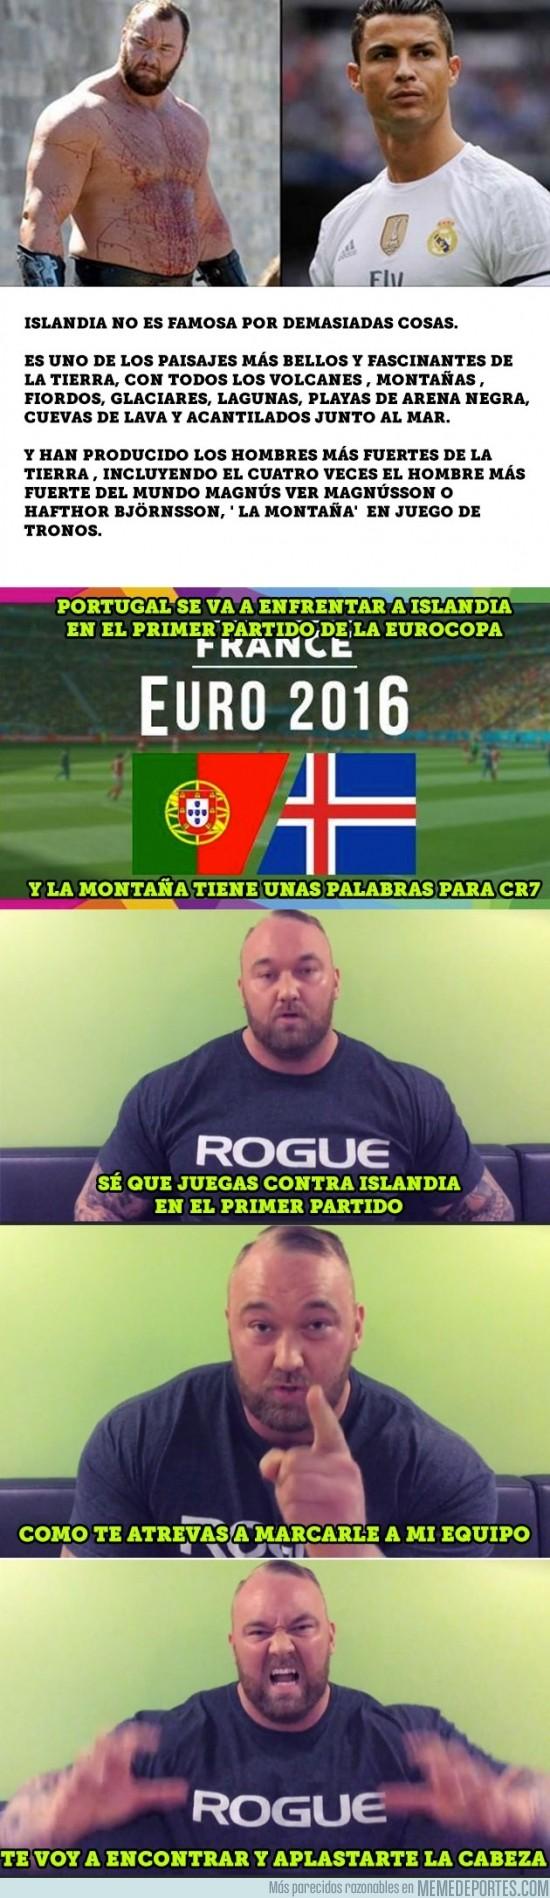 868653 - La Montaña de Juego de Tronos tiene un agresivo mensaje para Cristiano Ronaldo